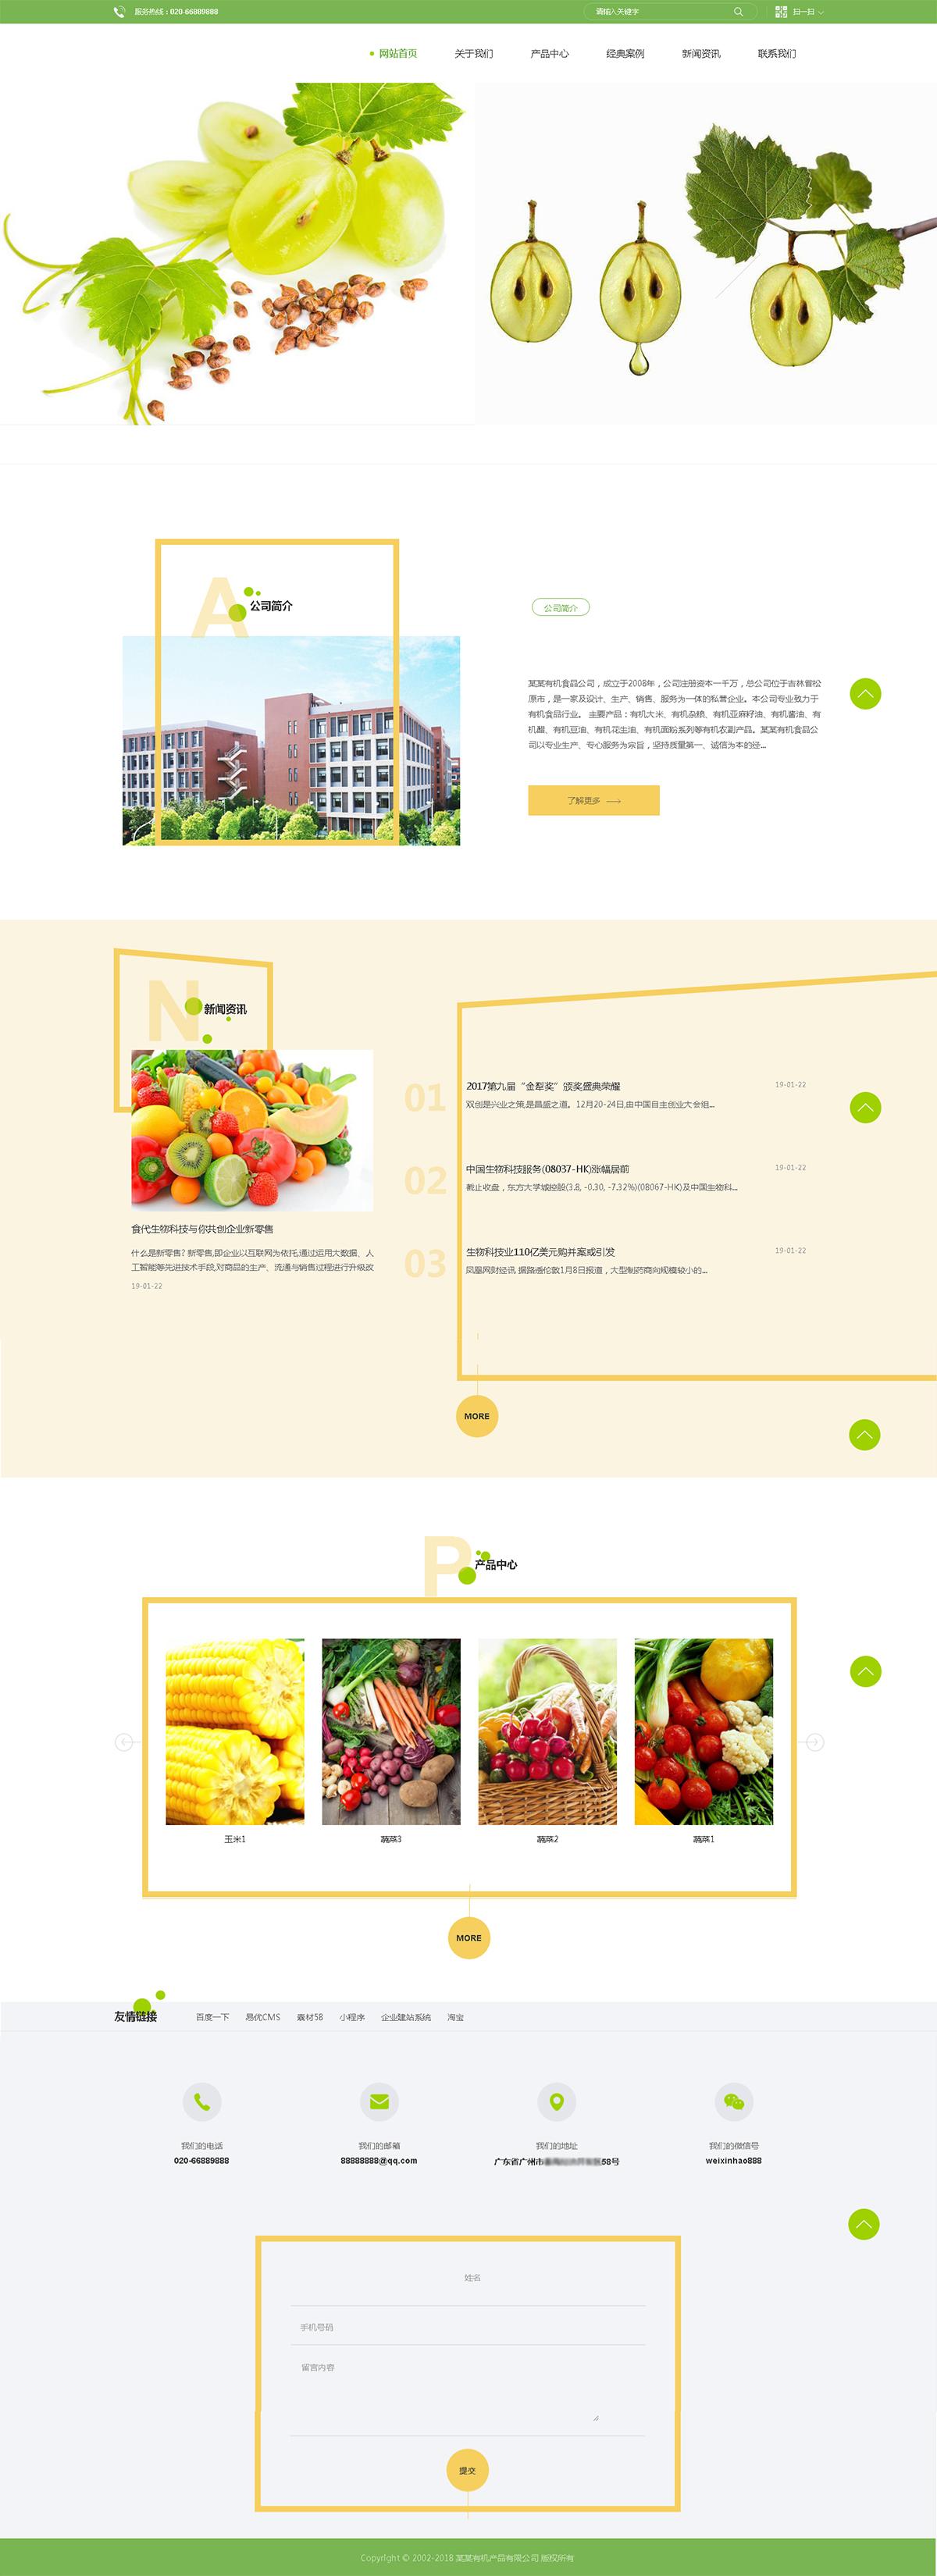 瓜果鲜蔬网站制作案例